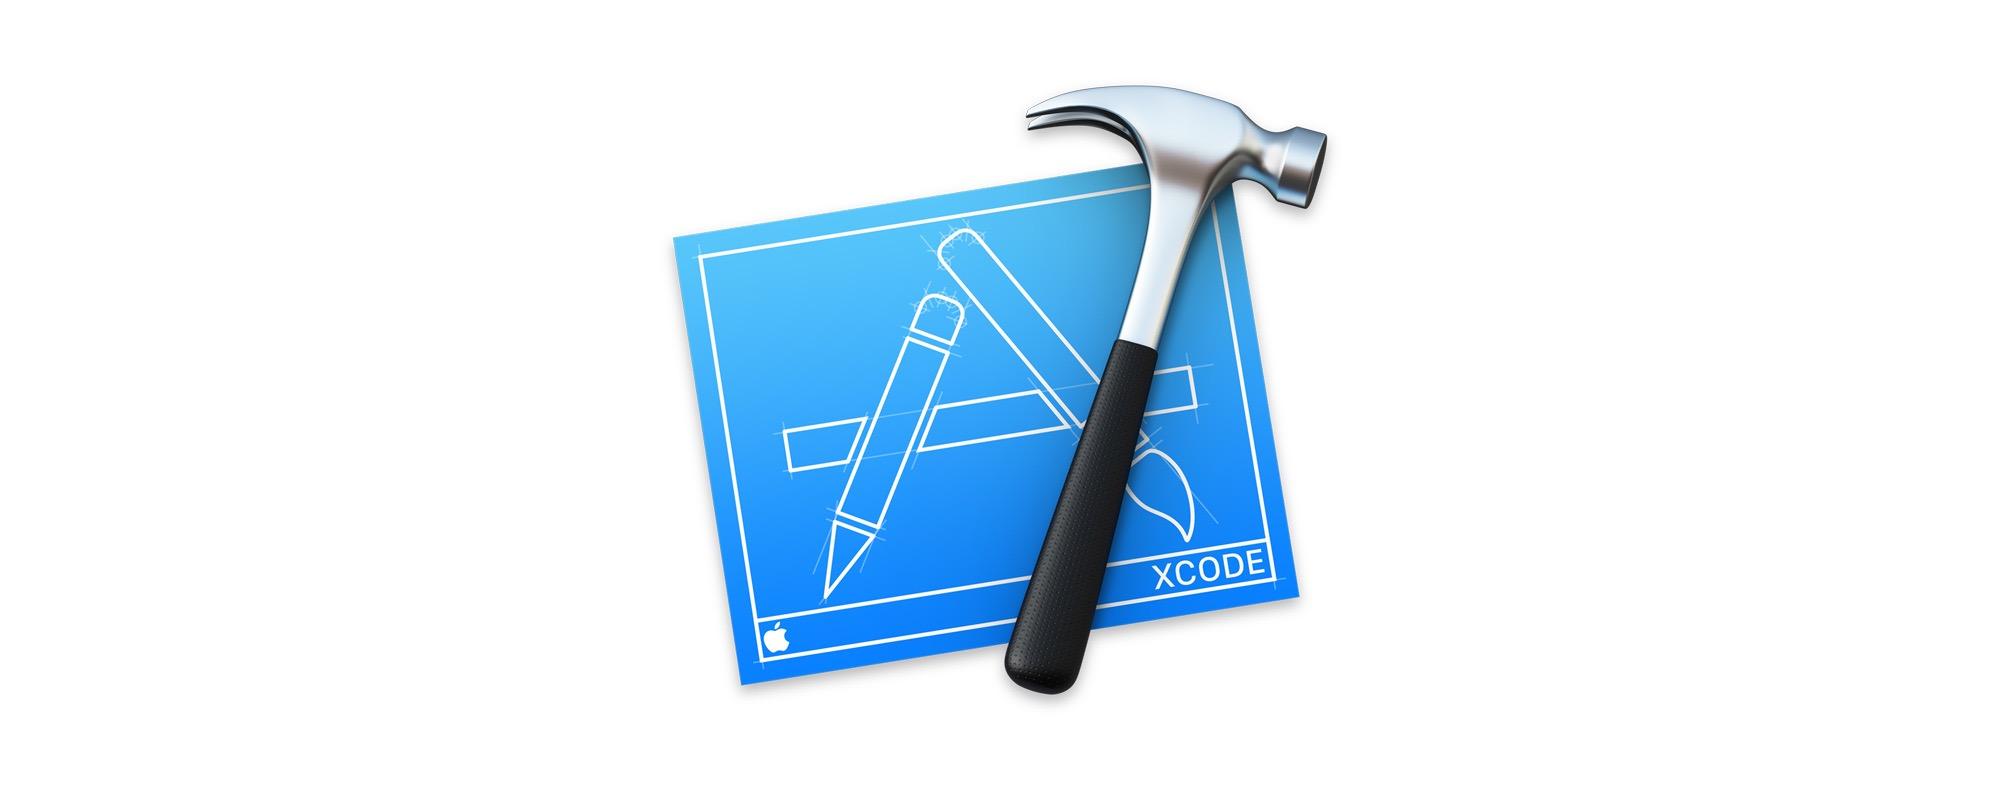 Xcode-icon-hero